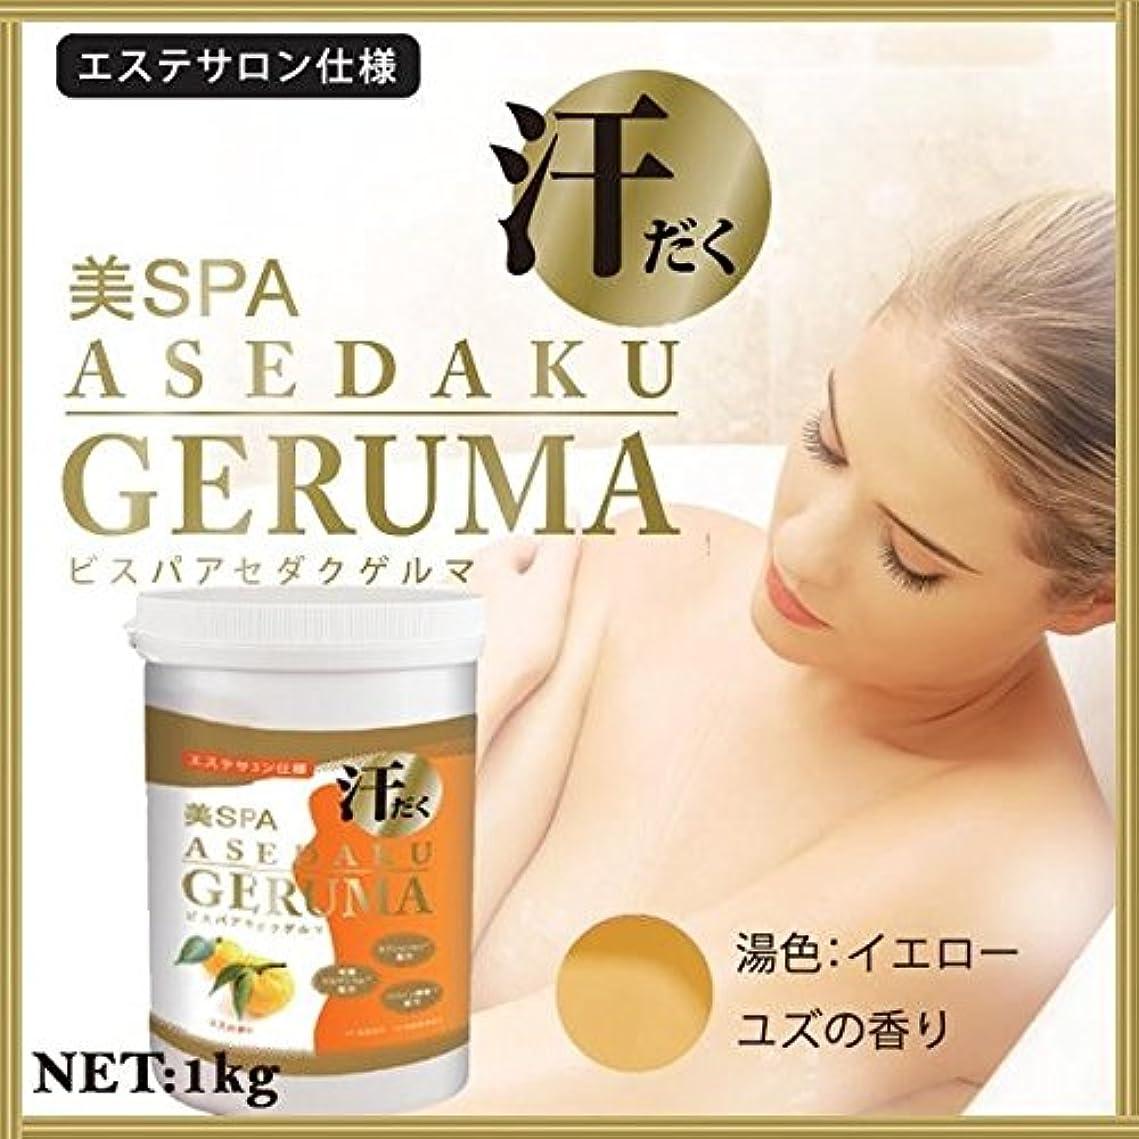 白鳥内側無関心ゲルマニウム入浴料 美SPA ASEDAKU GERUMA YUZU(ゆず) ボトル 1kg